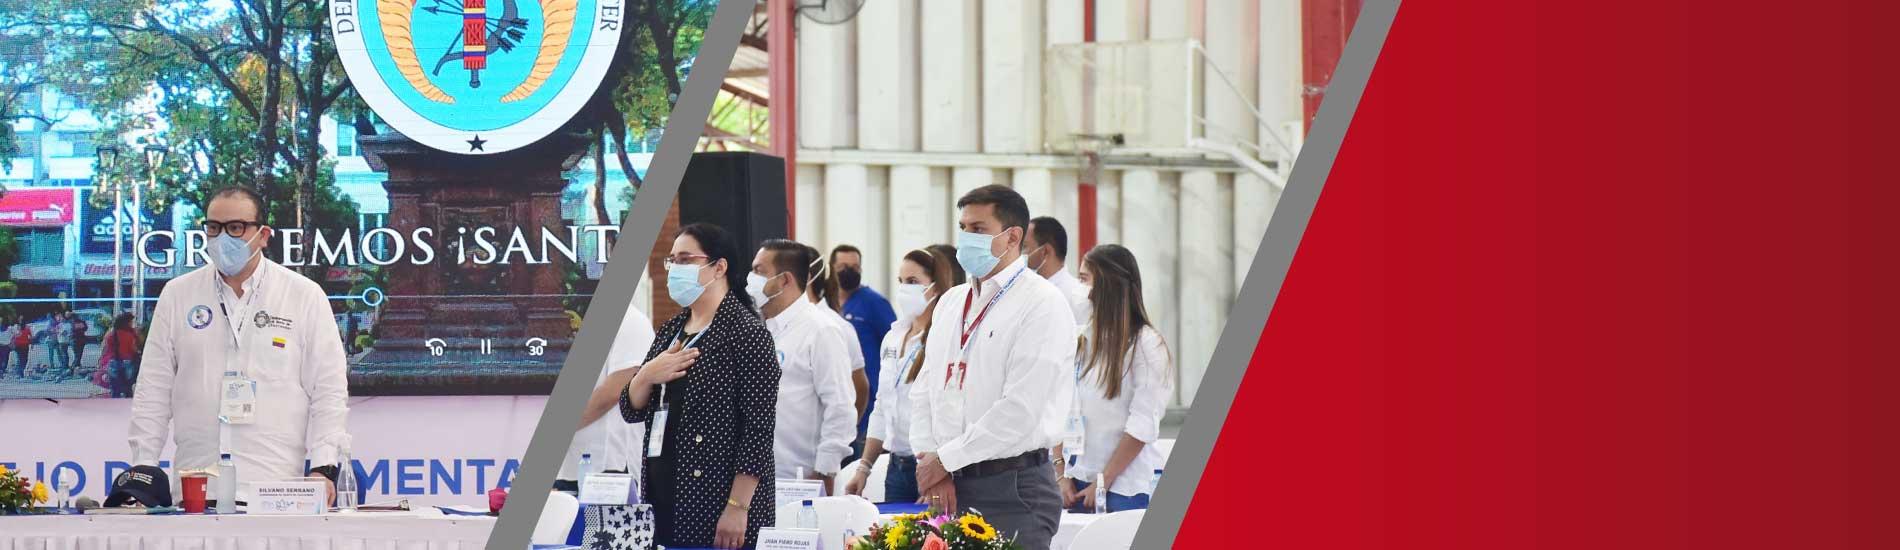 UFPS sede del Consejo Departamental de Paz, Reconciliación y Convivencia de Norte de Santander